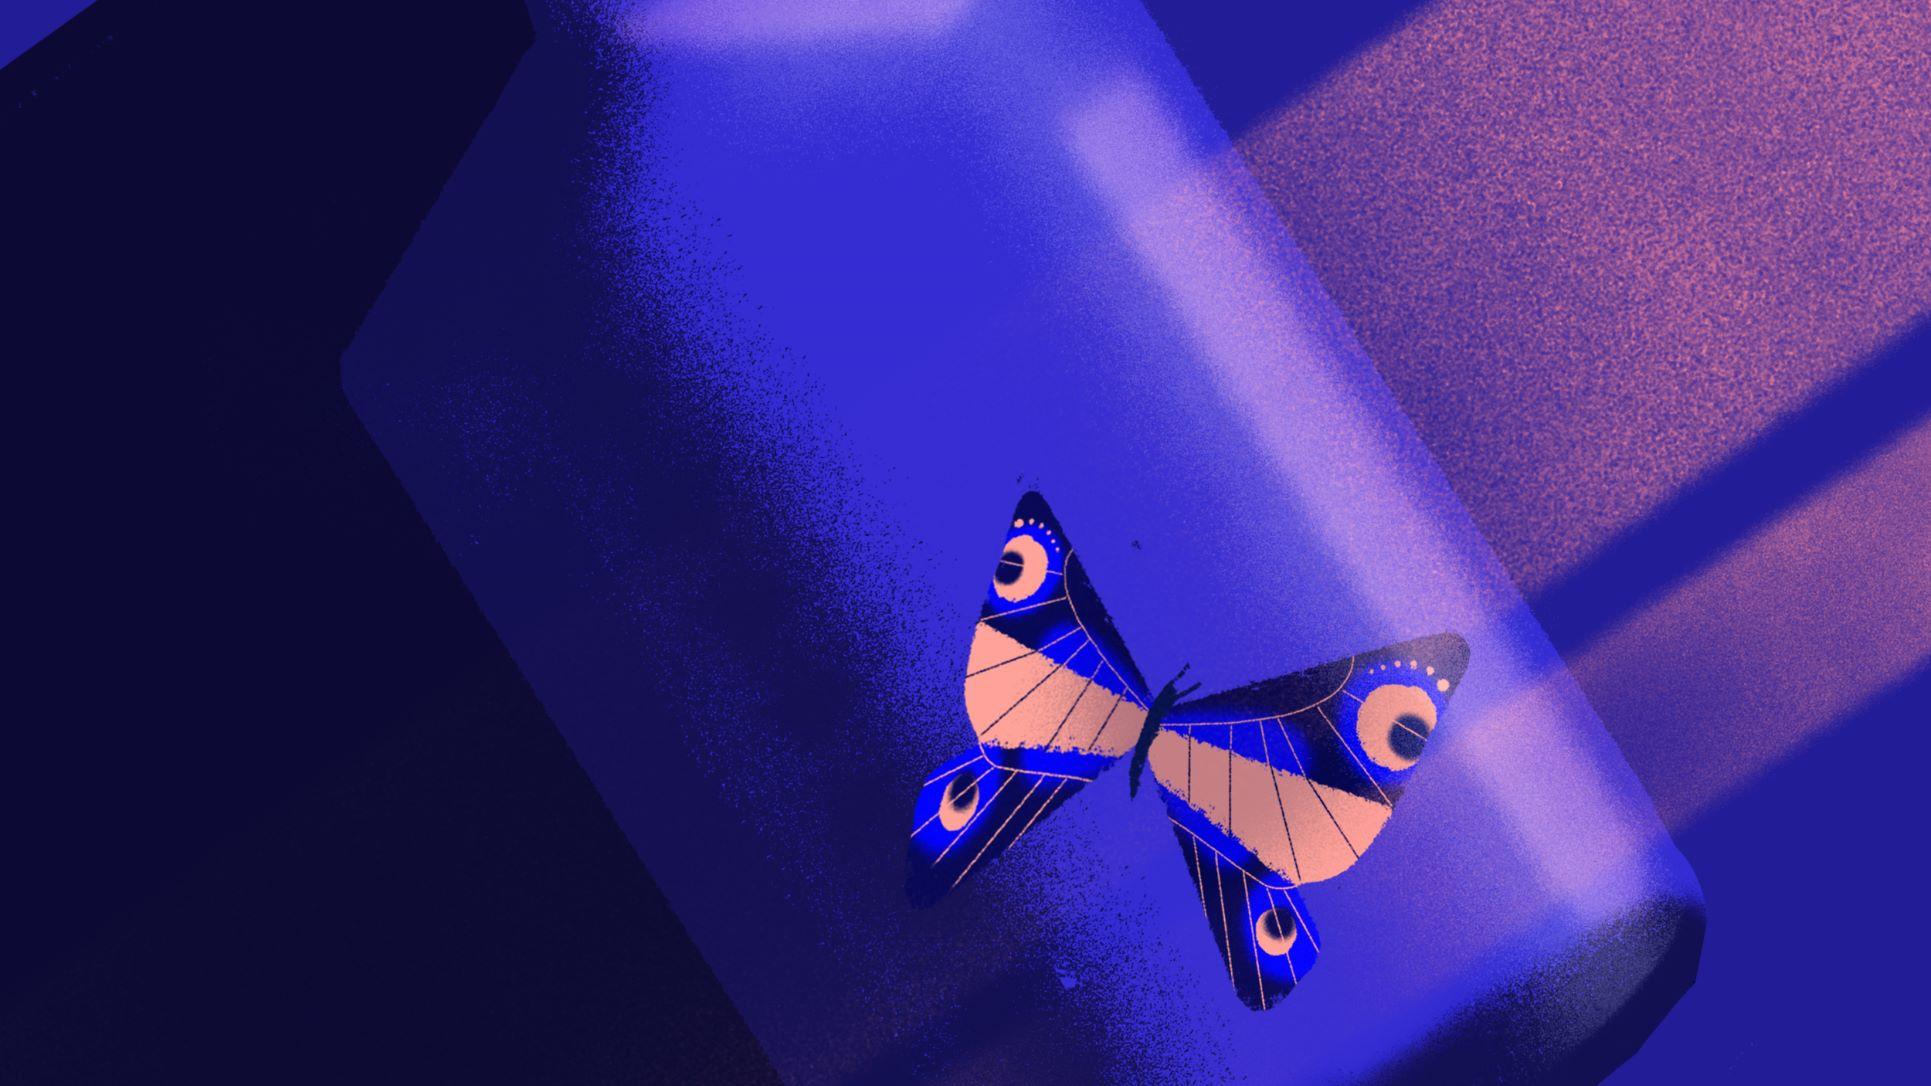 Papillon dans une bouteille de verre, ambiance bleutée et raies de lumière violacée.